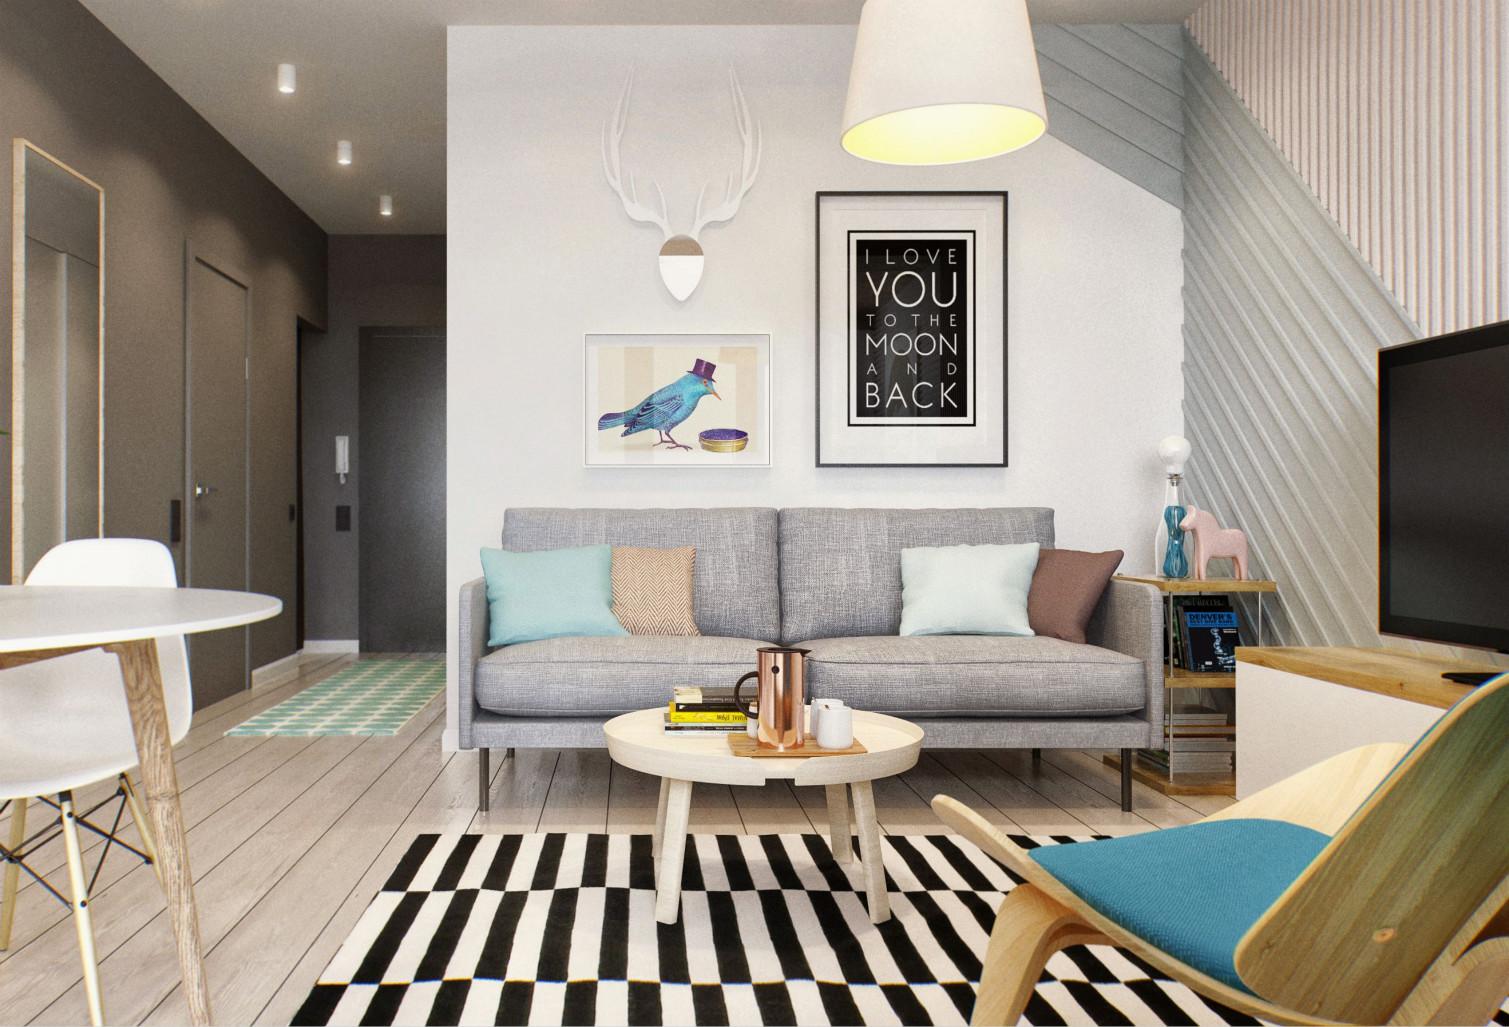 客厅简约时尚,浅色布艺沙发以及沙发背景墙上挂画,艺术气息充满整个客厅